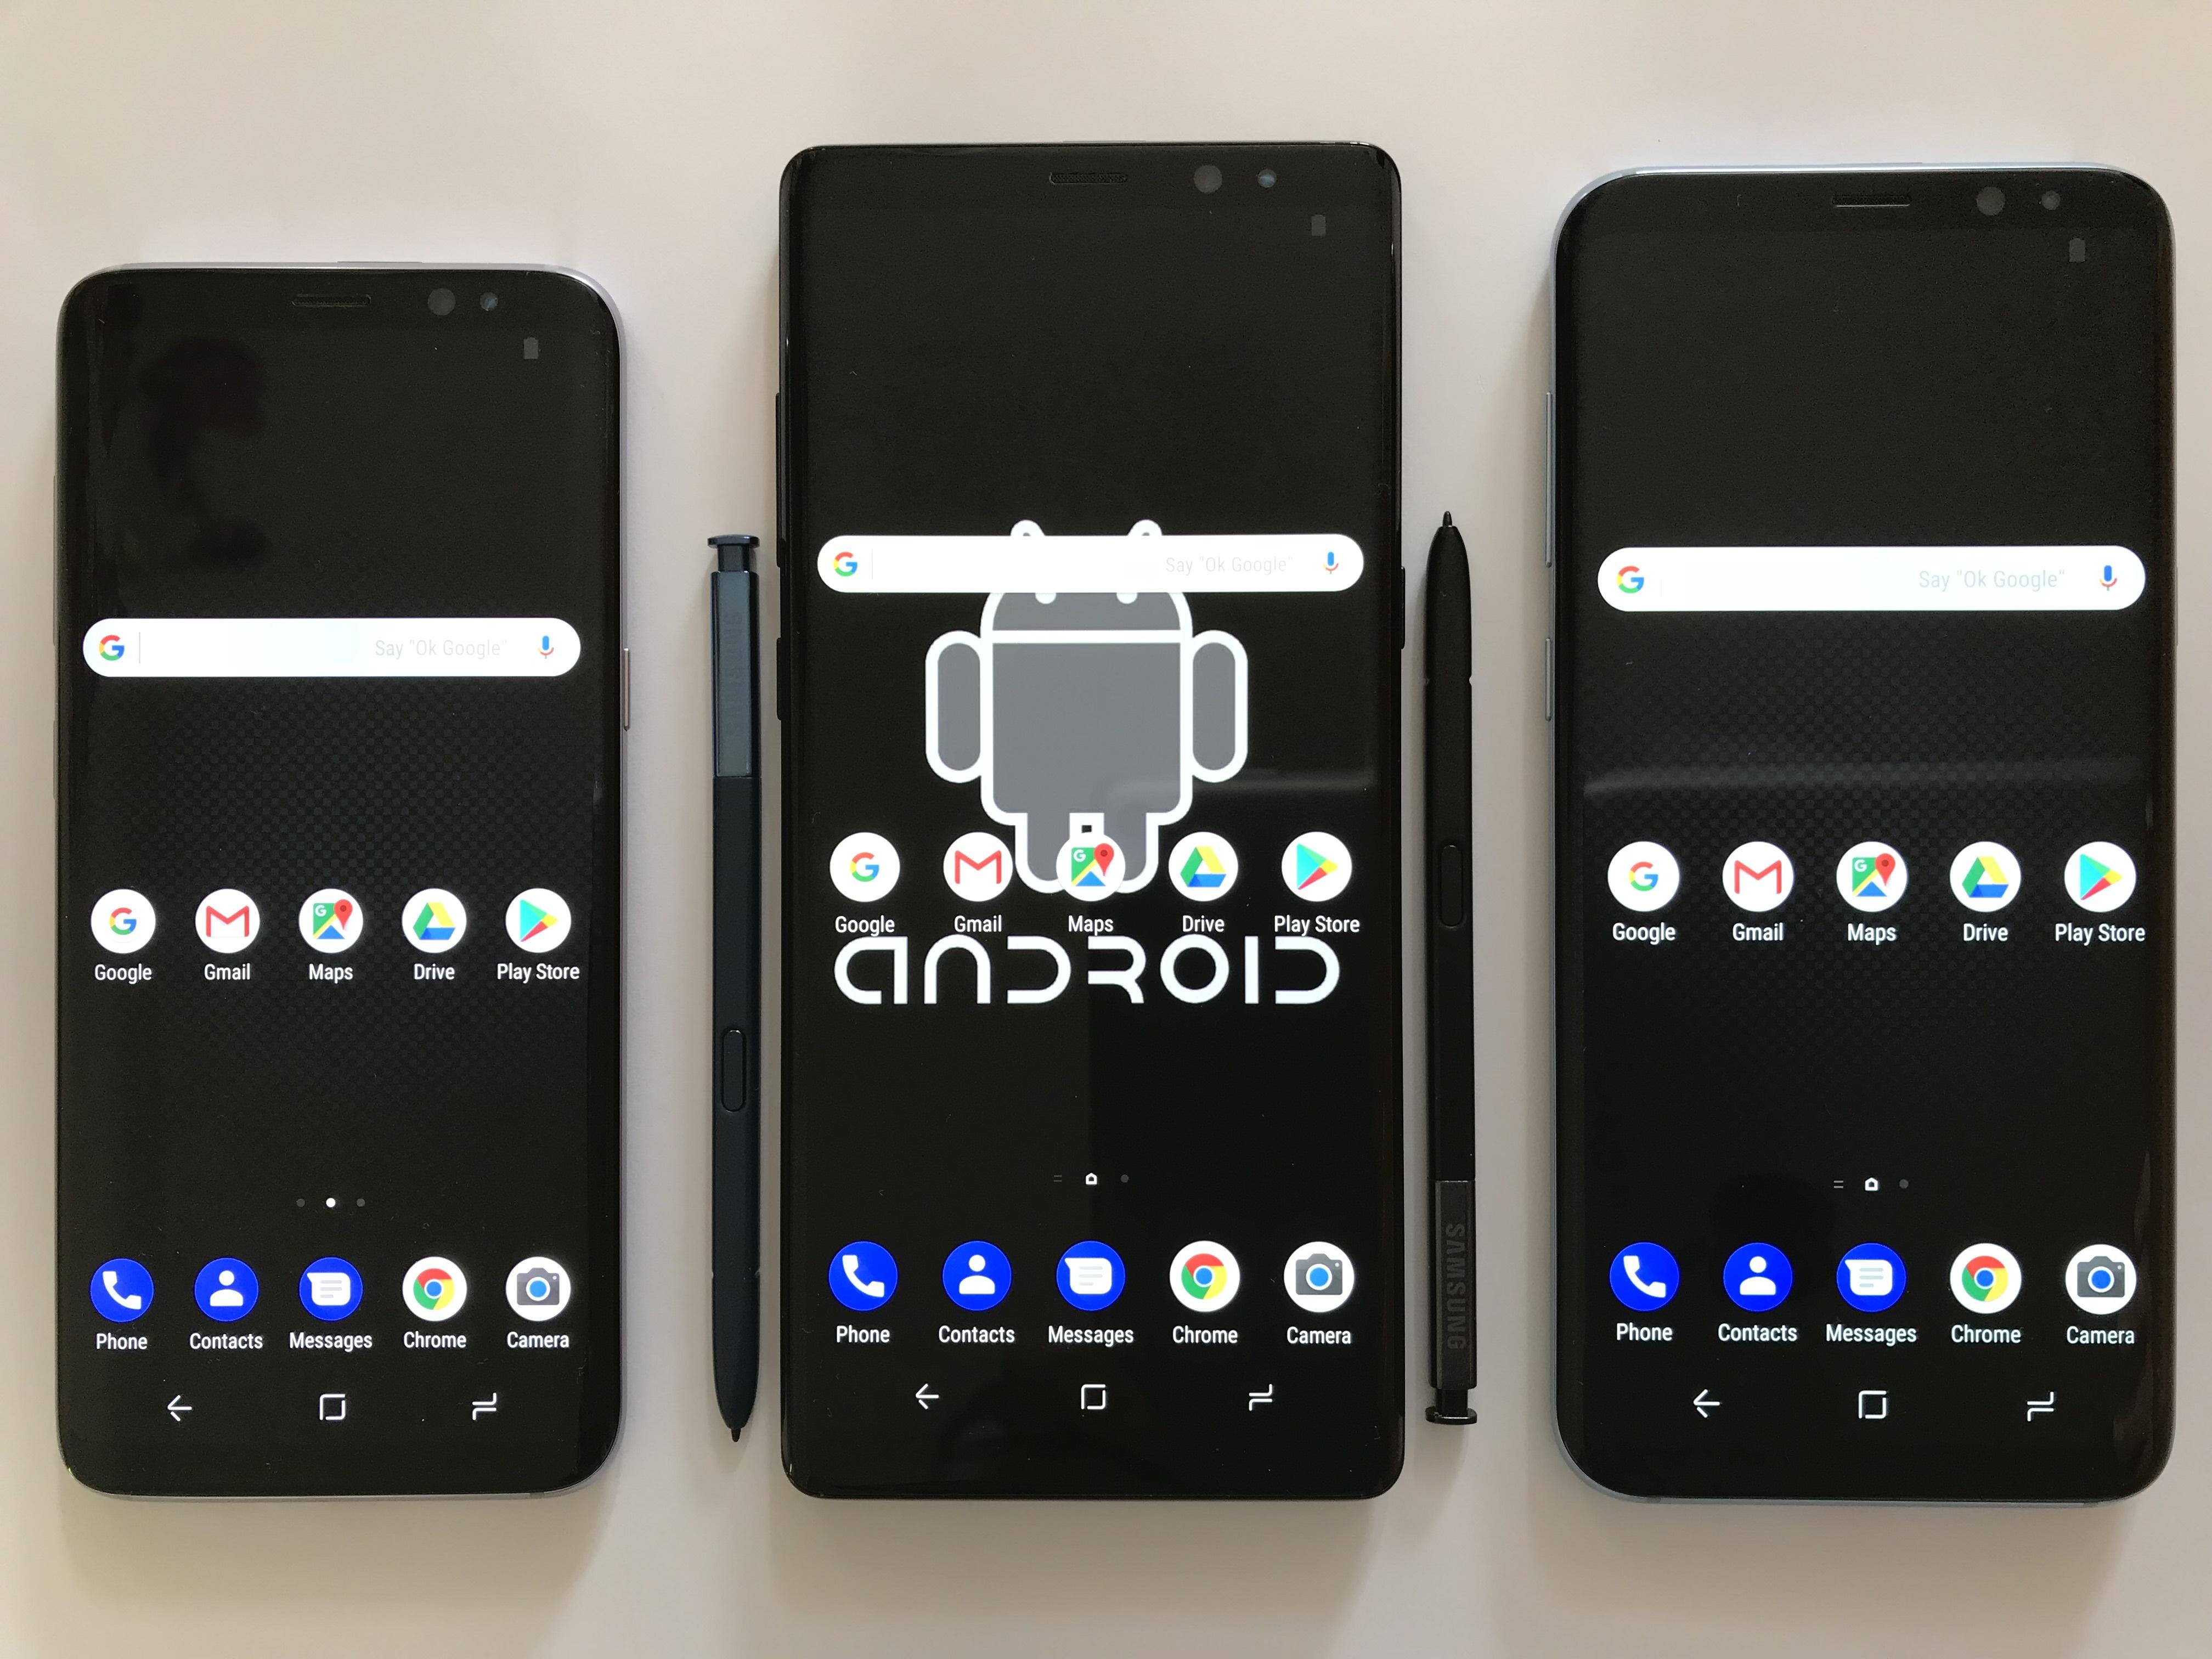 Sistema operativo per dispositivi mobili - Wikipedia